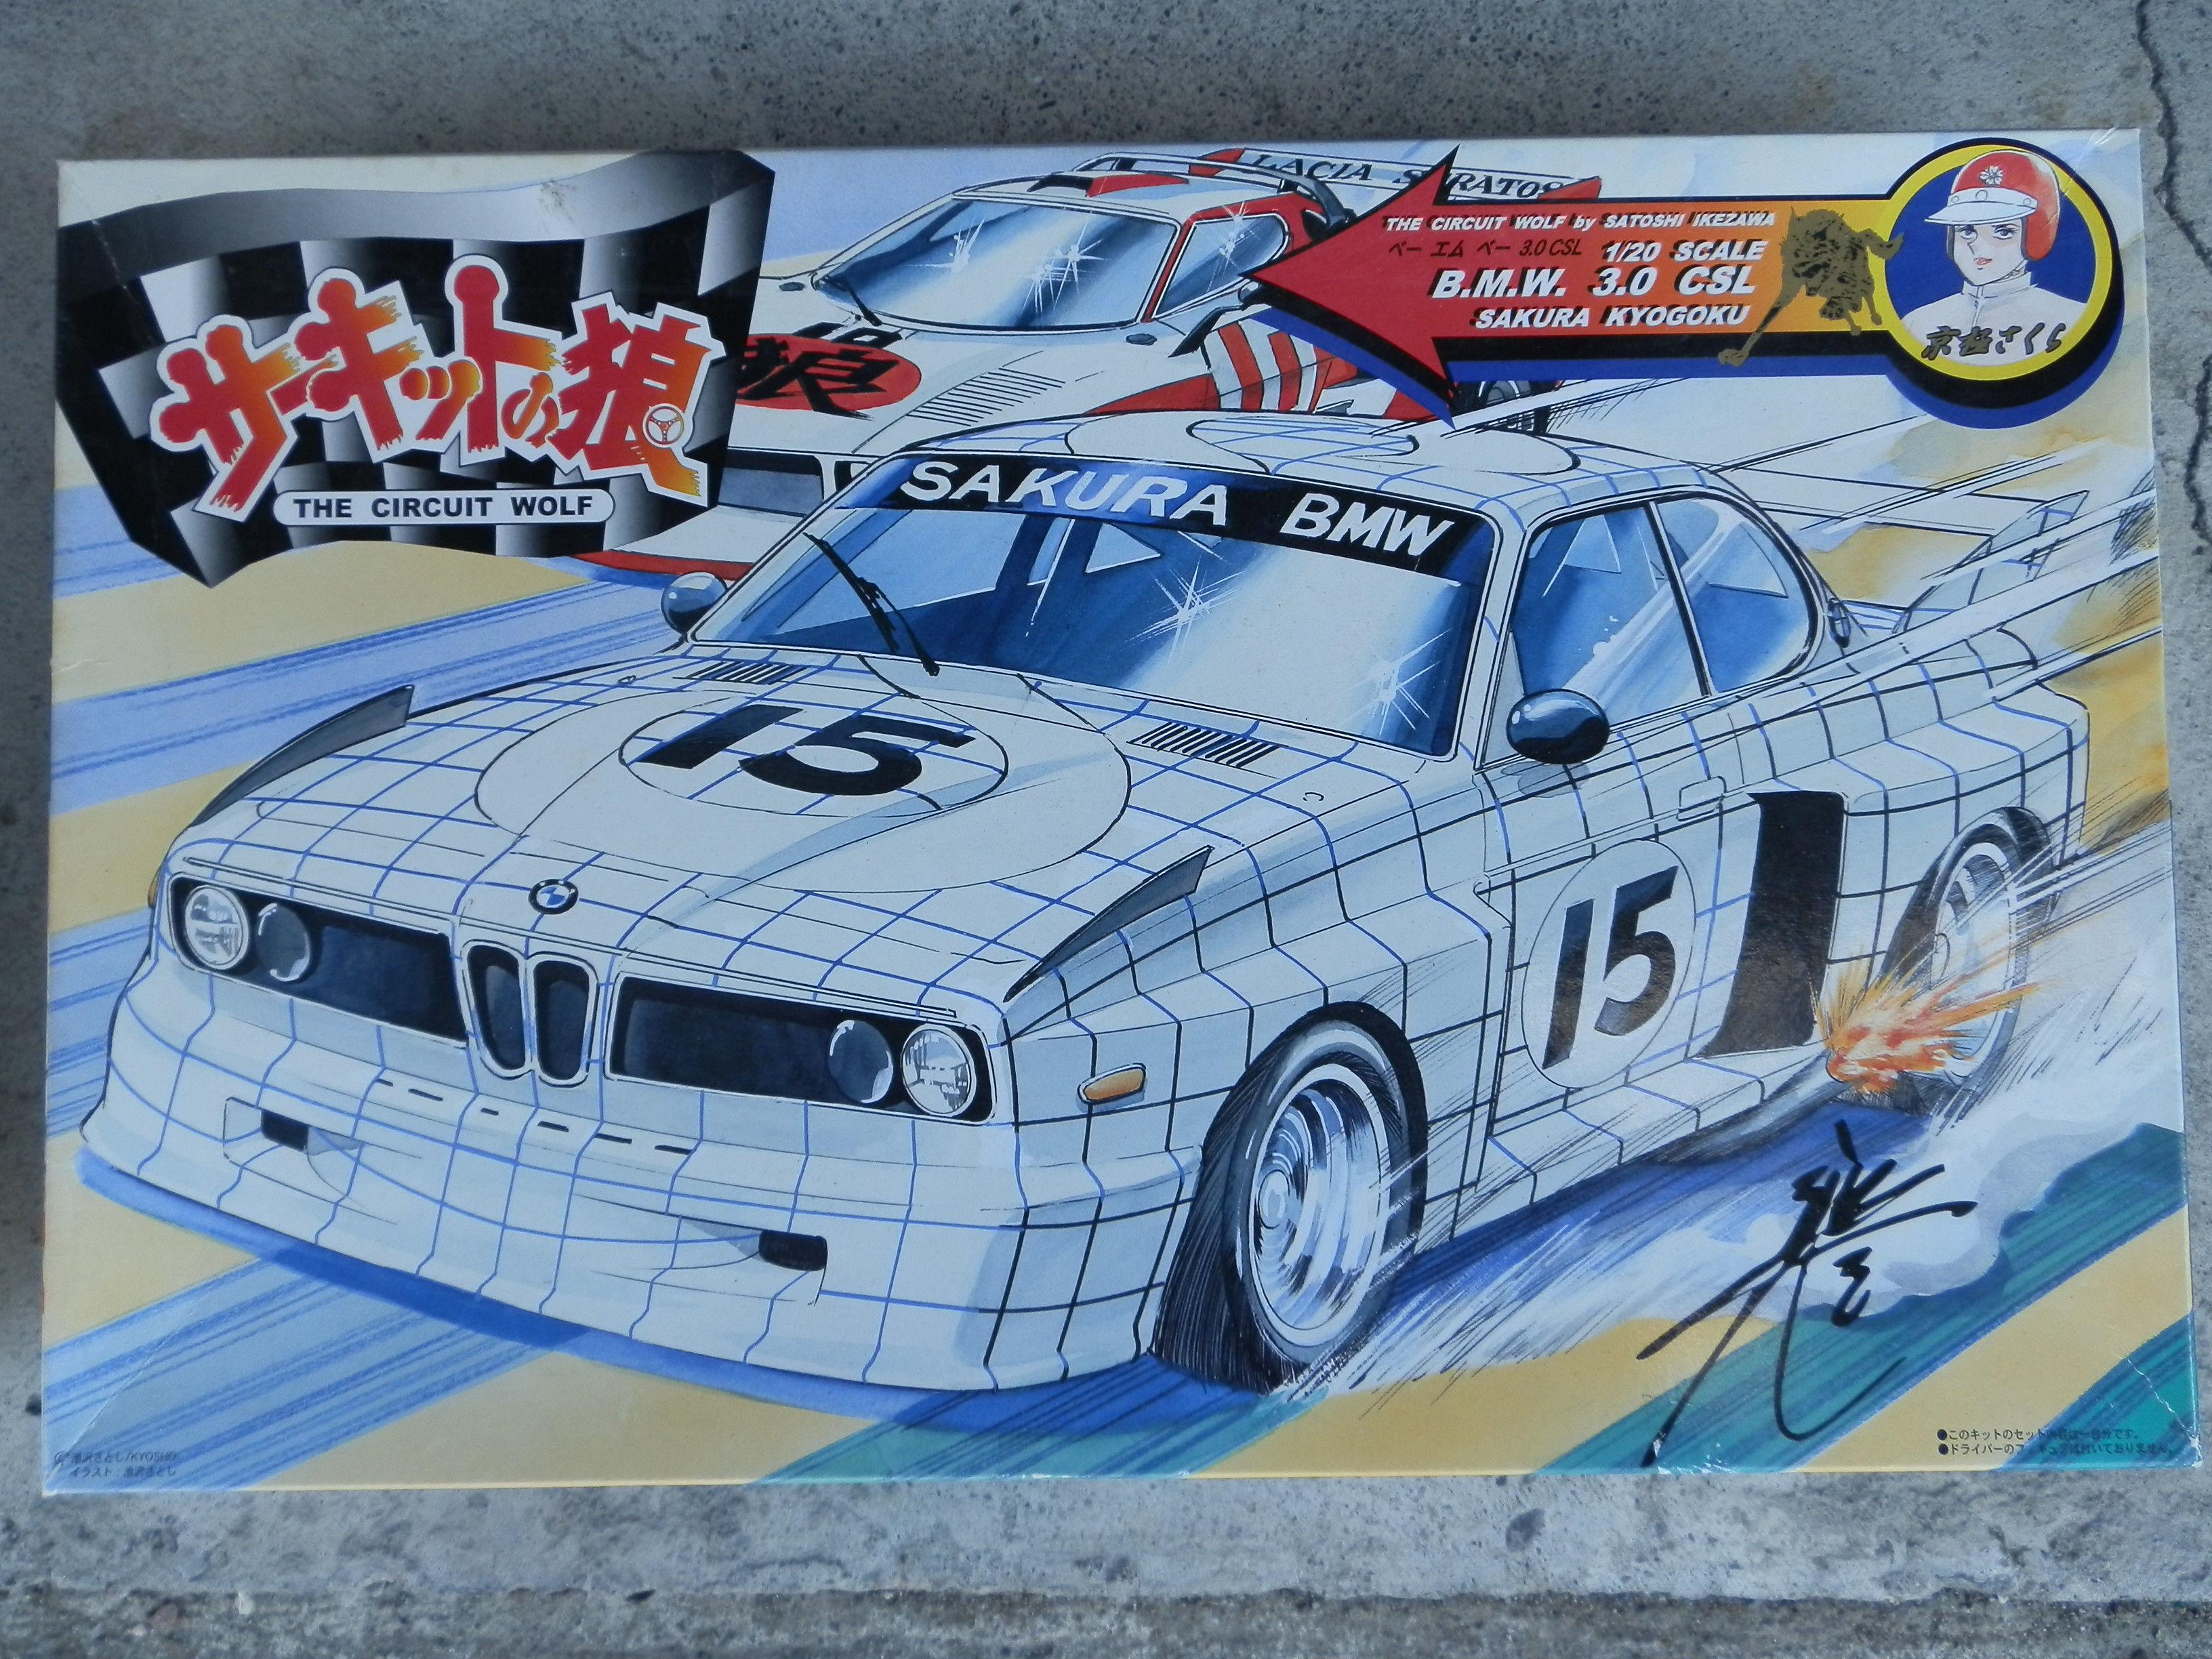 プラモデル・サーキットの狼BMW3.0CSL